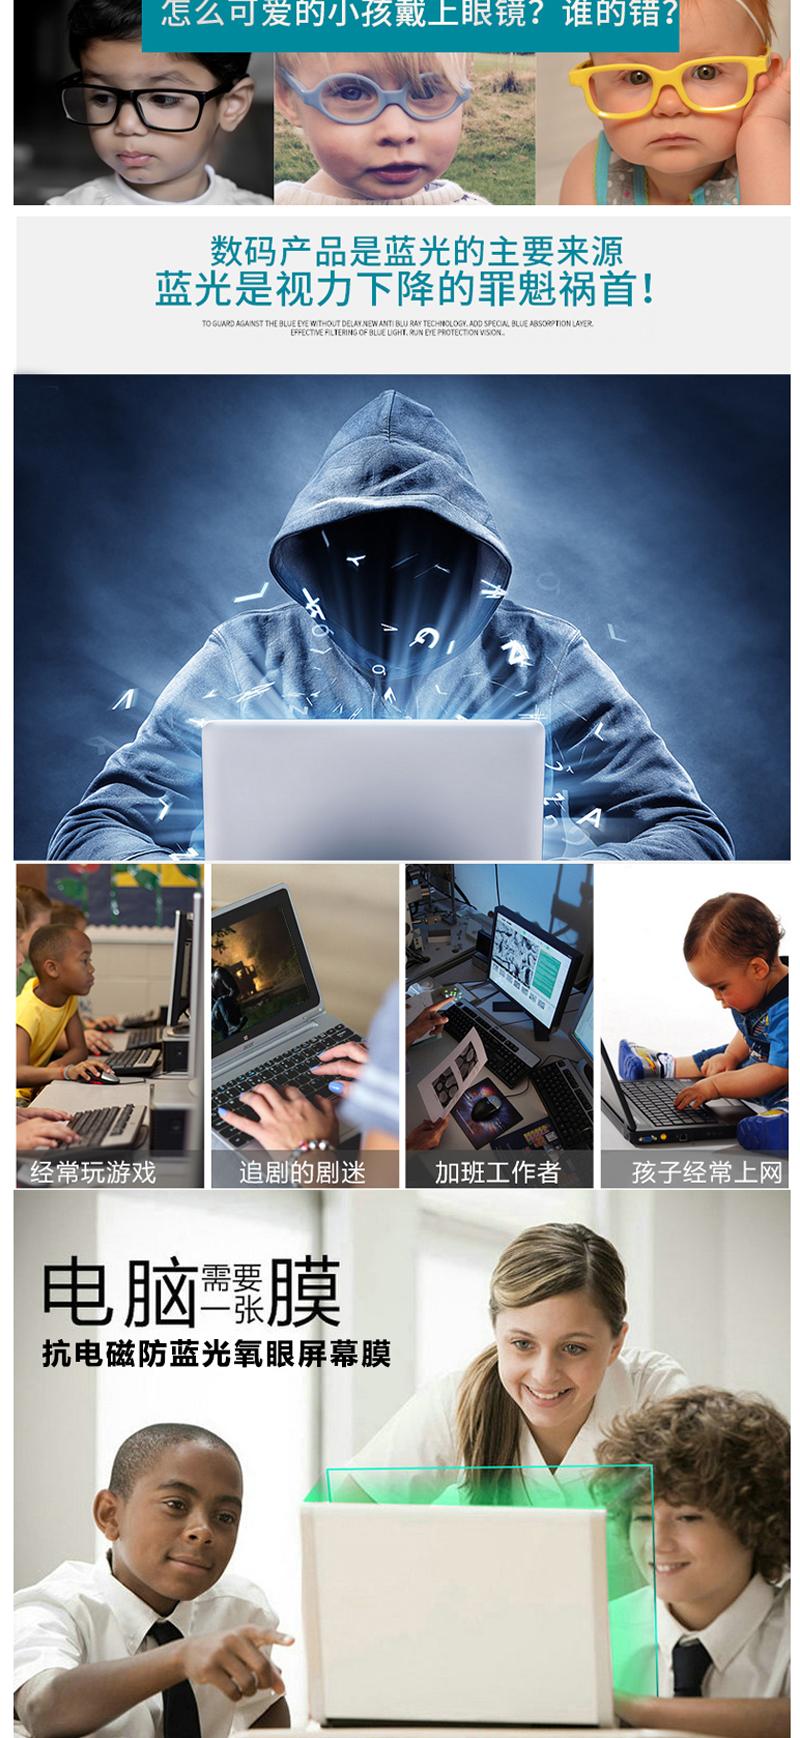 Dán Macbook  133Macbook AirA1369A1466 ABCD 苹果A1369/A1466(苹果004) - ảnh 40